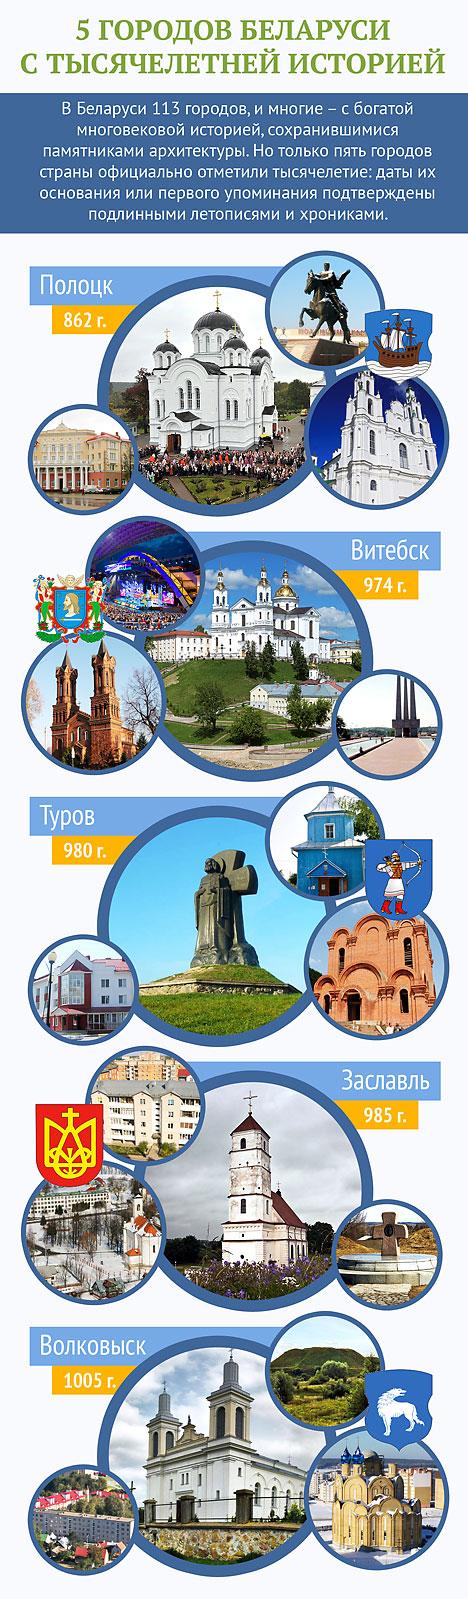 5 городов Беларуси с тысячелетней историей